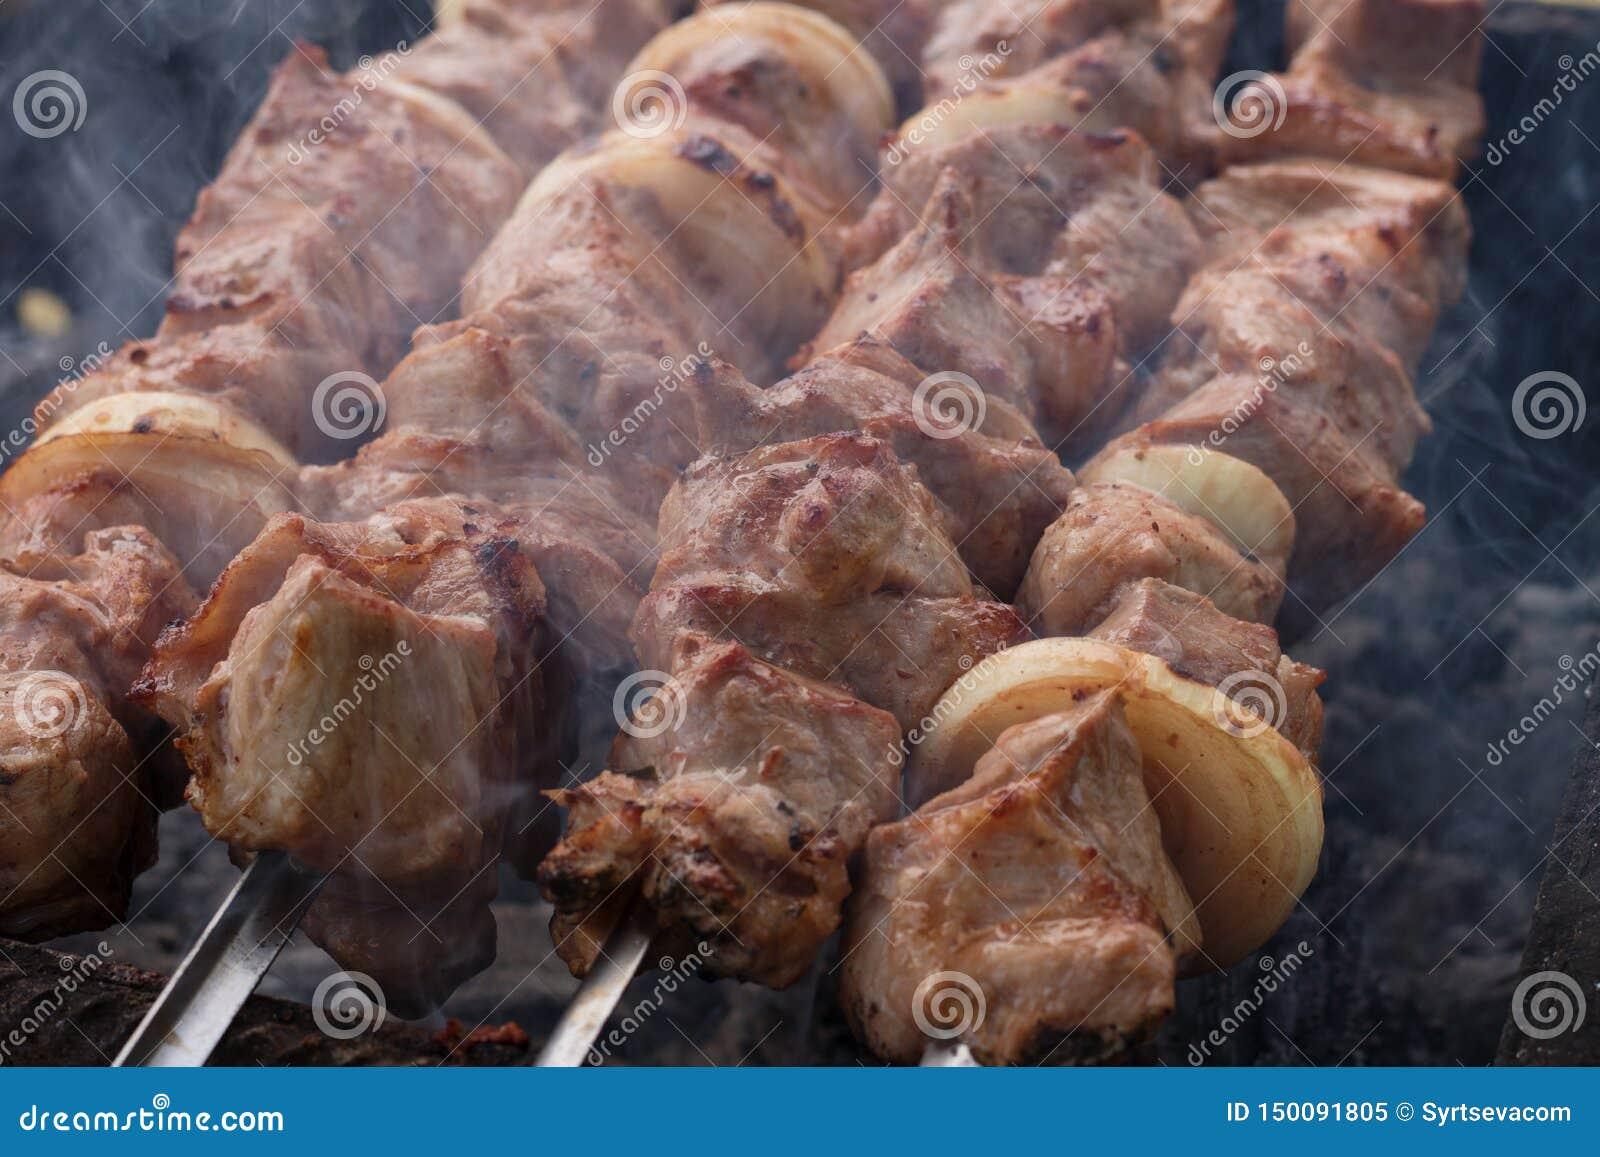 Gegrilltes Fleisch auf dem Grill auf der Natur, auf heißen Kohlen, Rauch